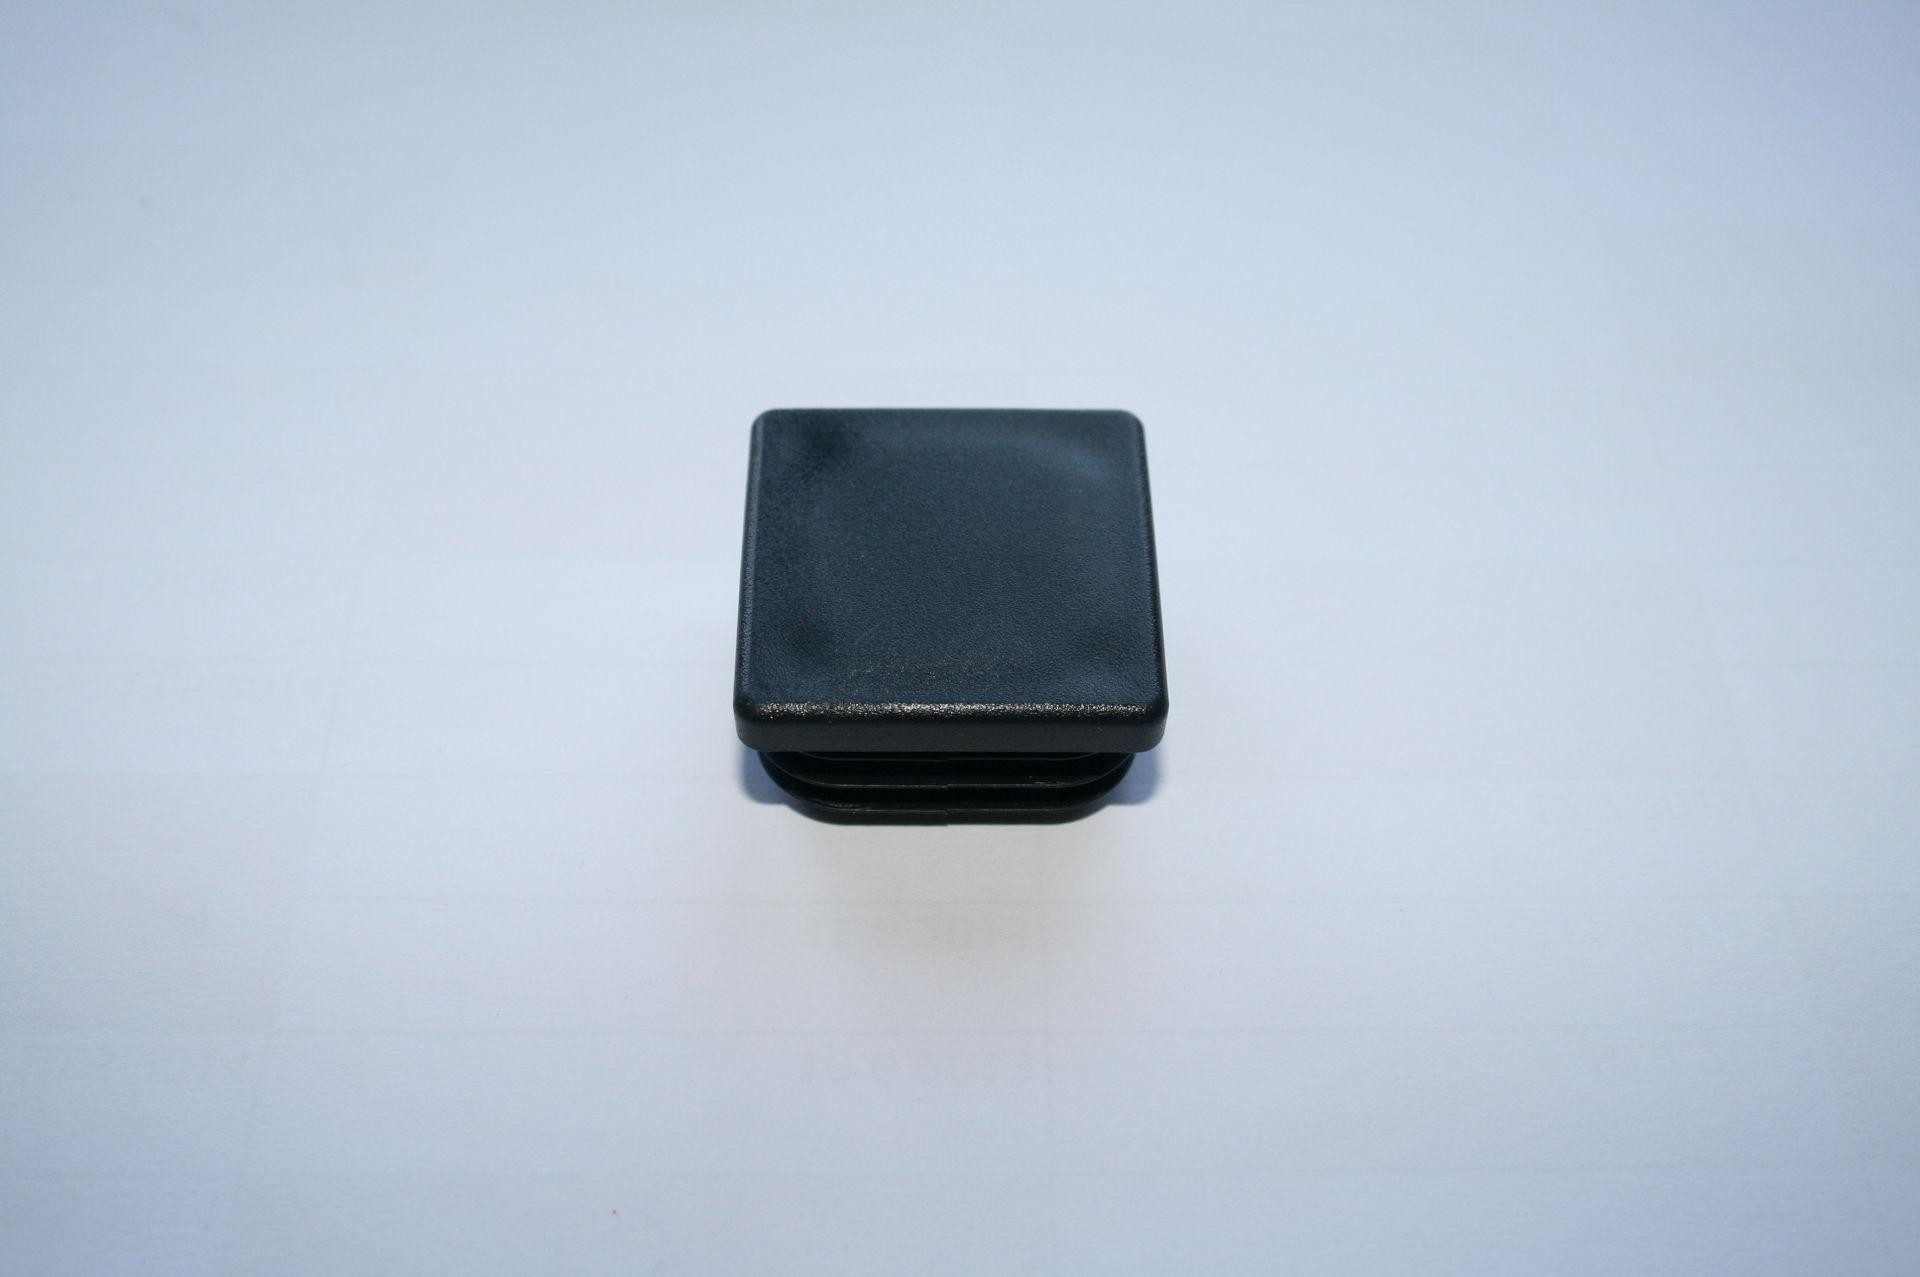 Záslepka černá 35x35 mm